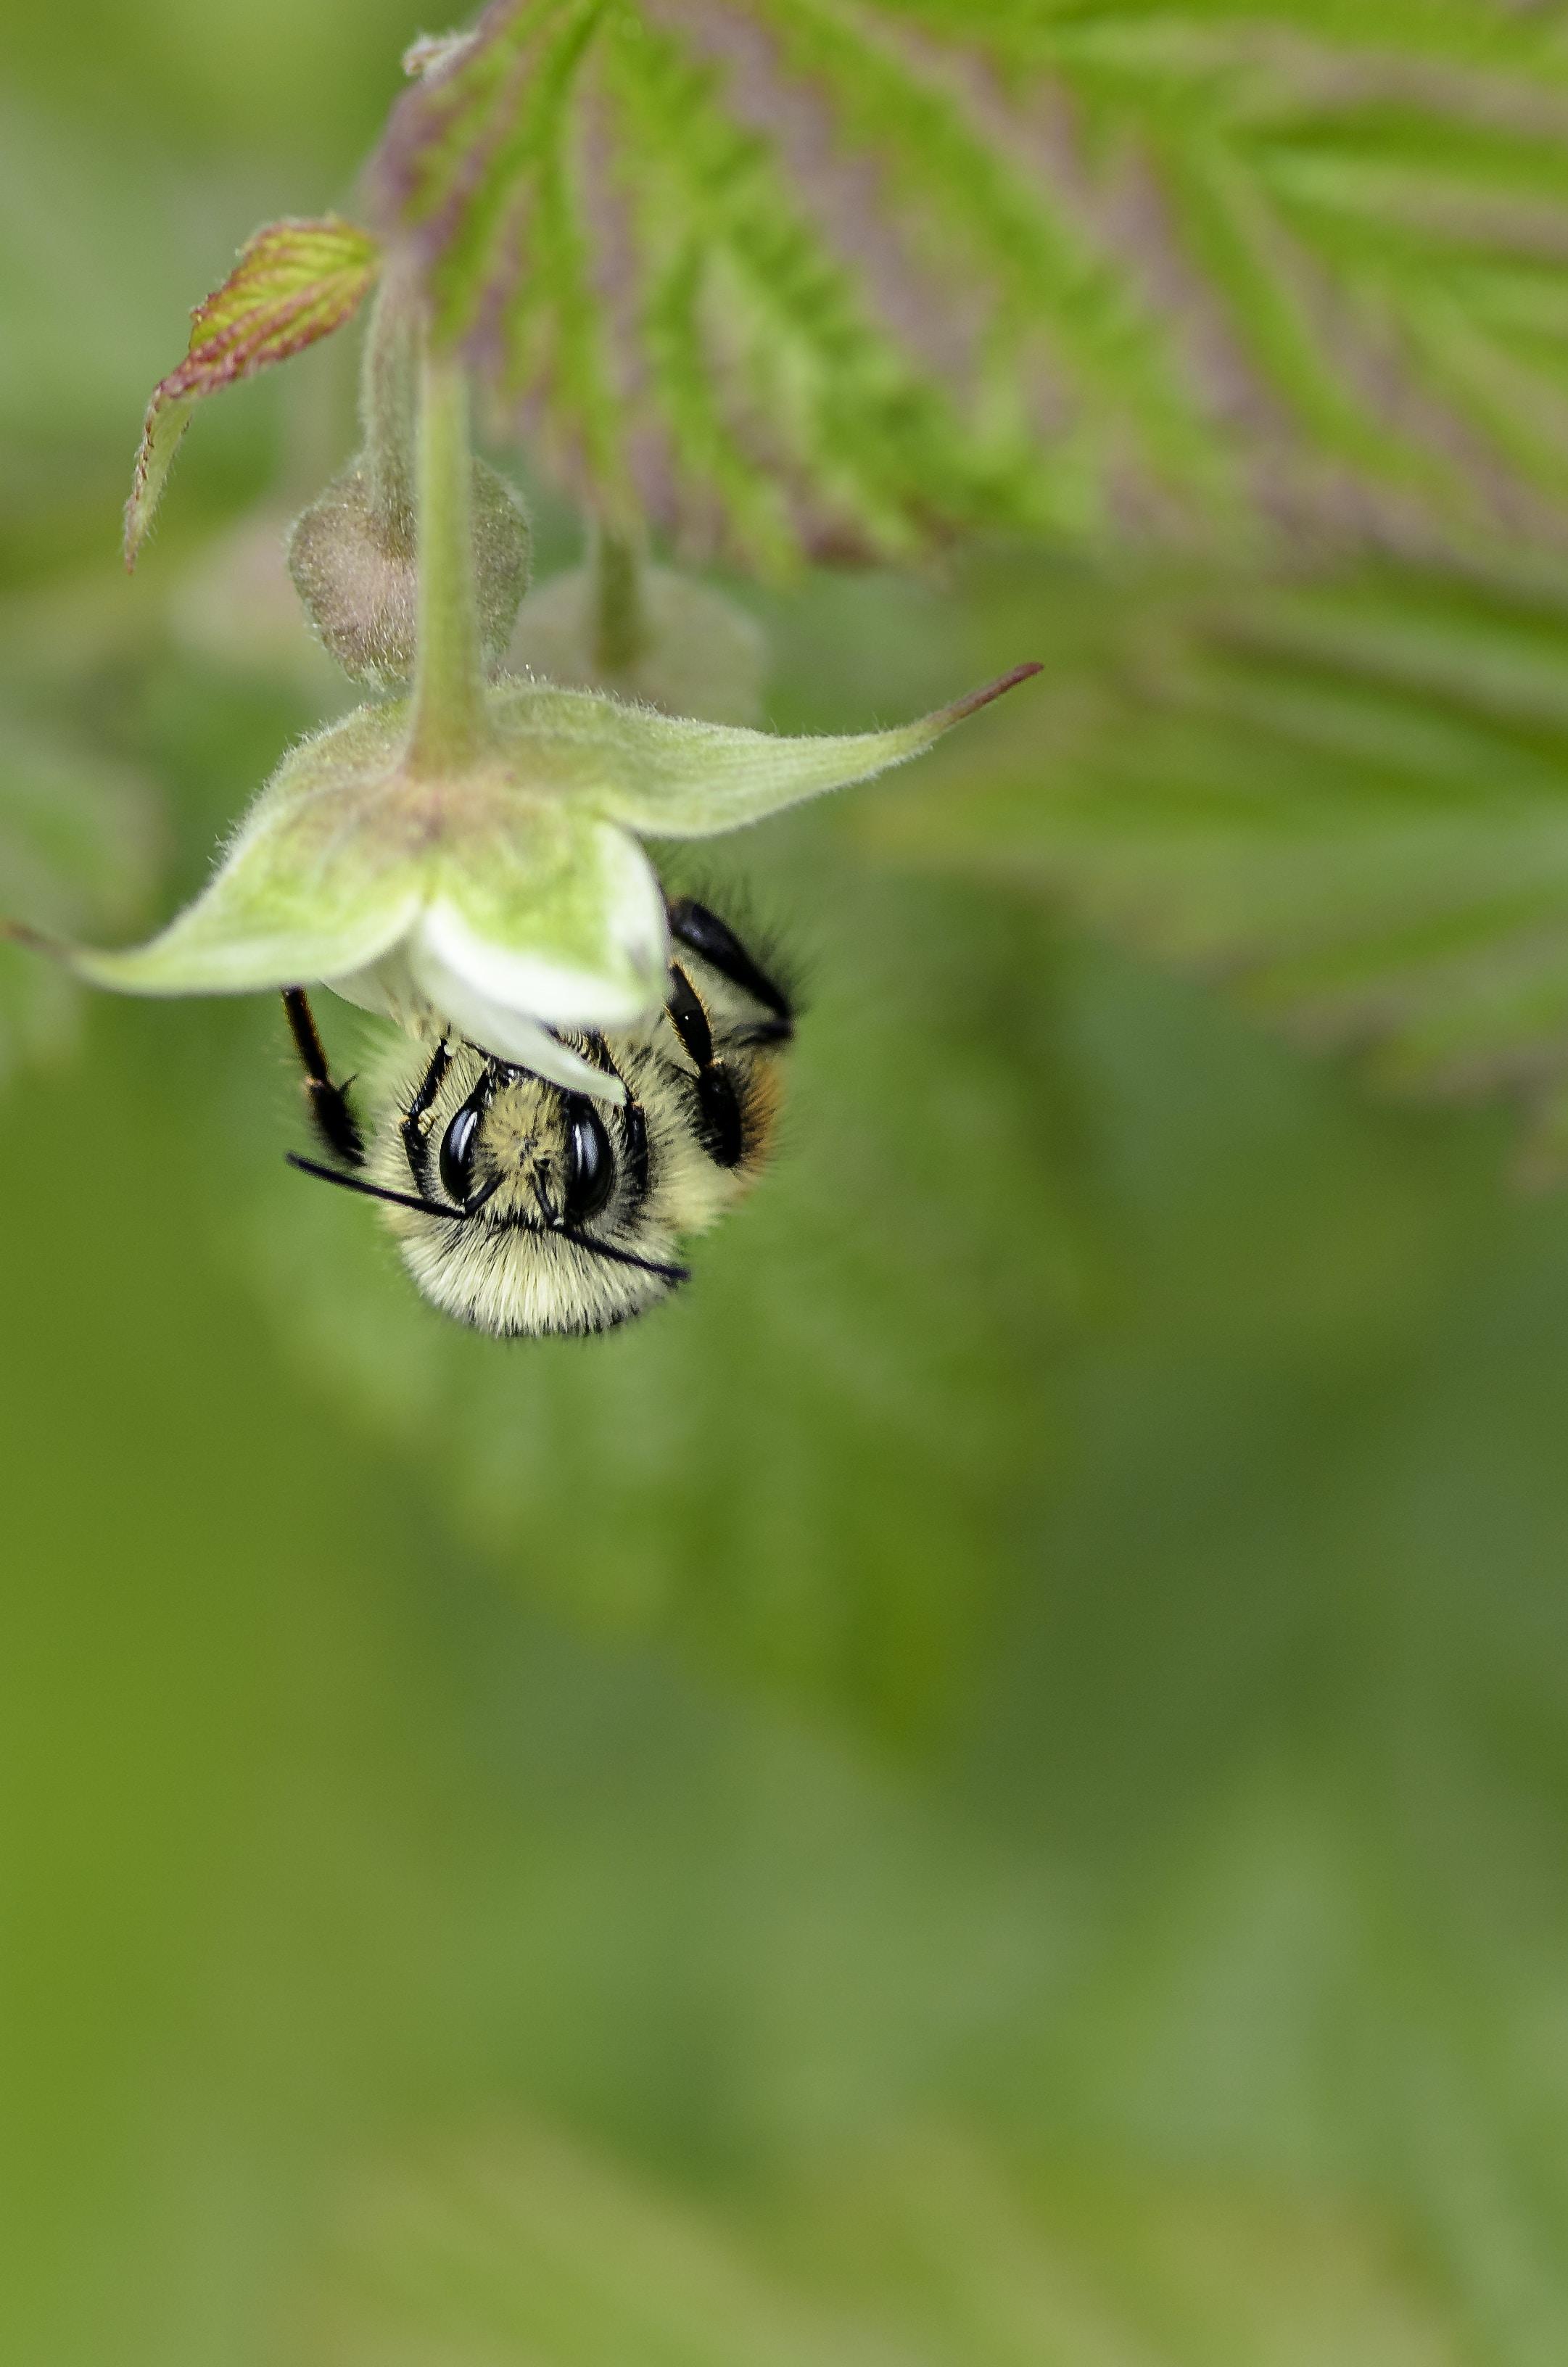 tilt shift lens photo of bee on flower